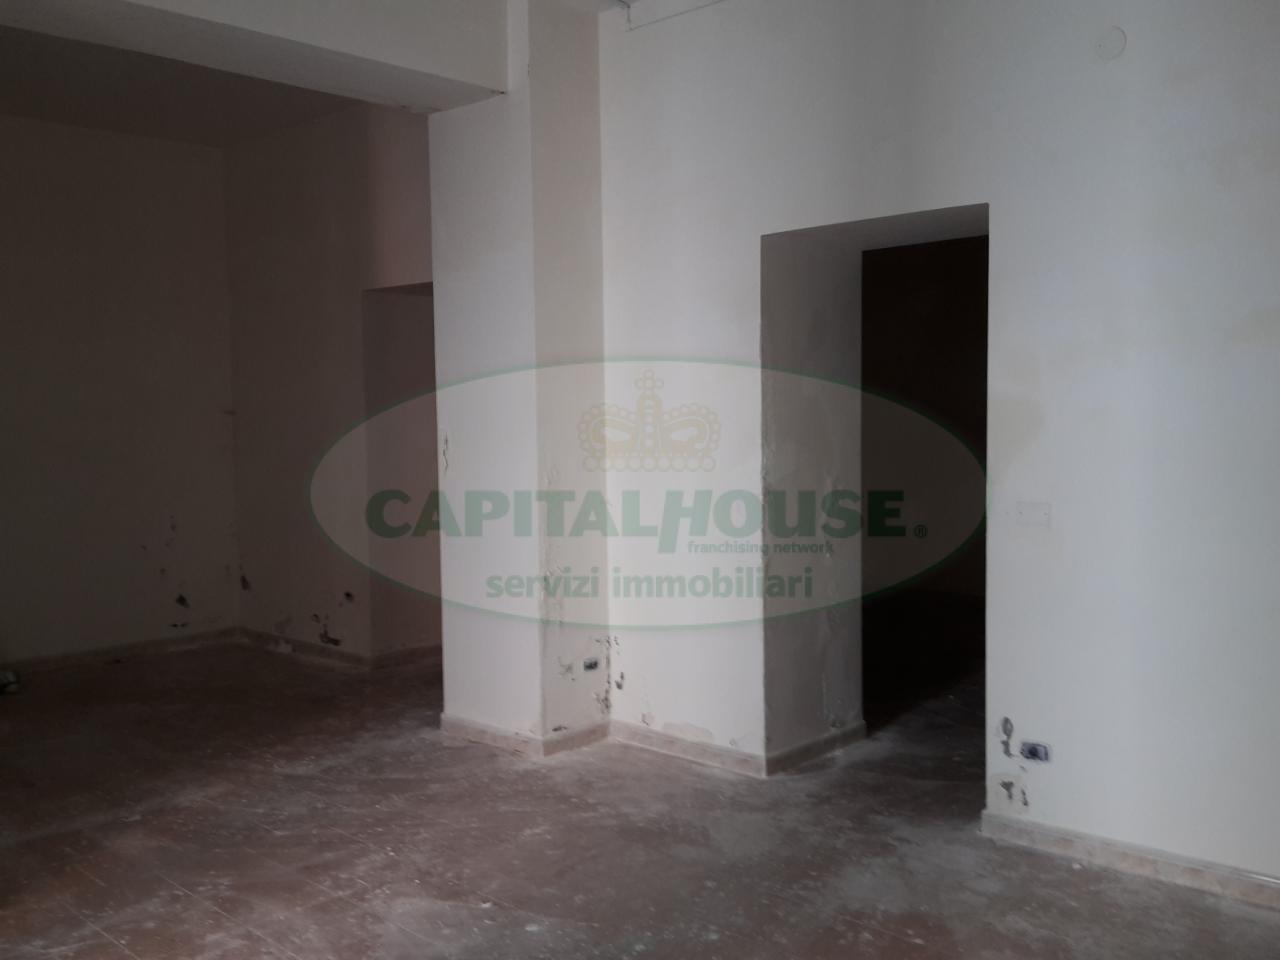 Negozio / Locale in vendita a Recale, 9999 locali, prezzo € 50.000 | Cambio Casa.it